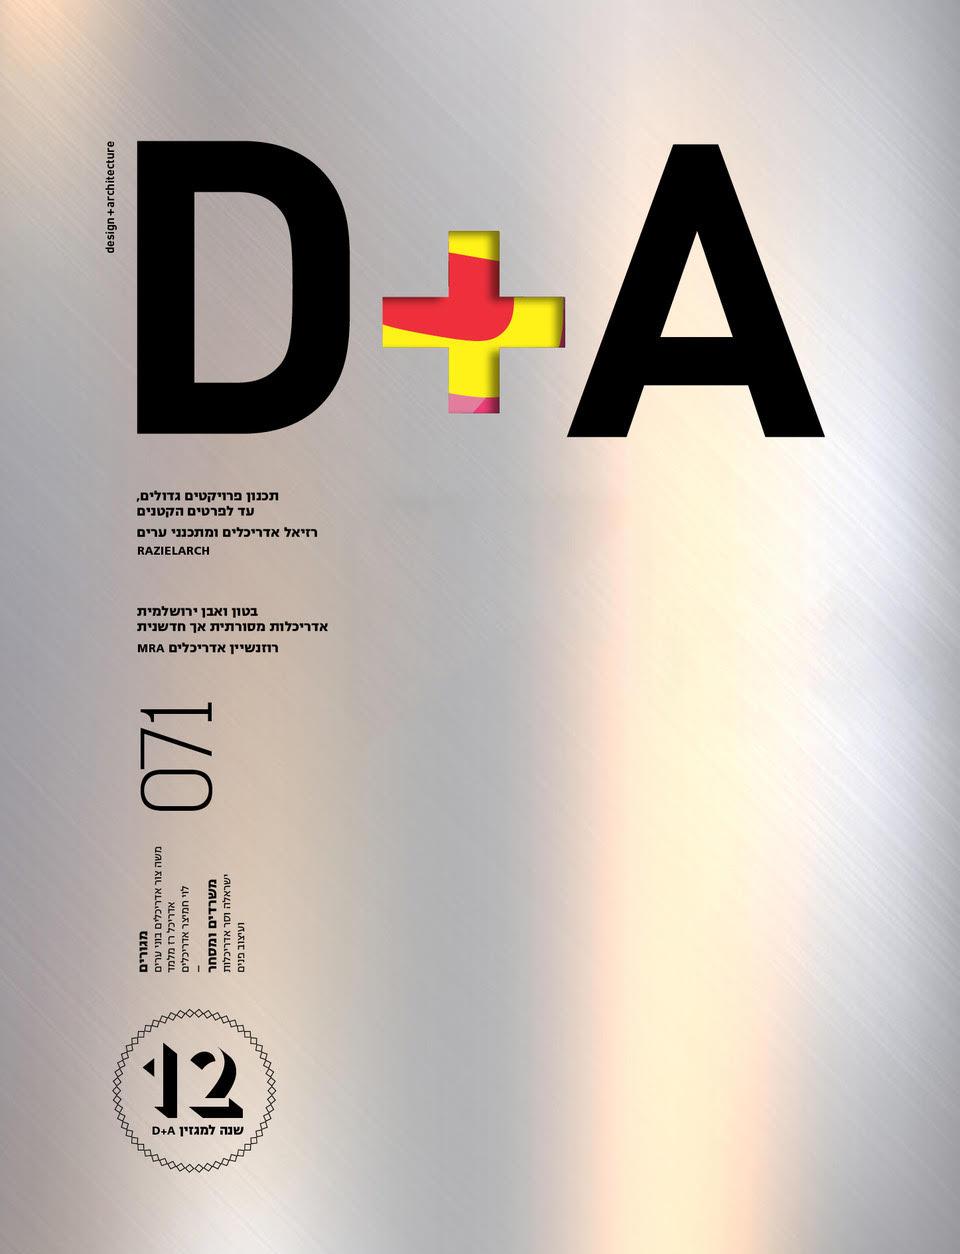 71: מגזין d+a חוגג 12 שנה